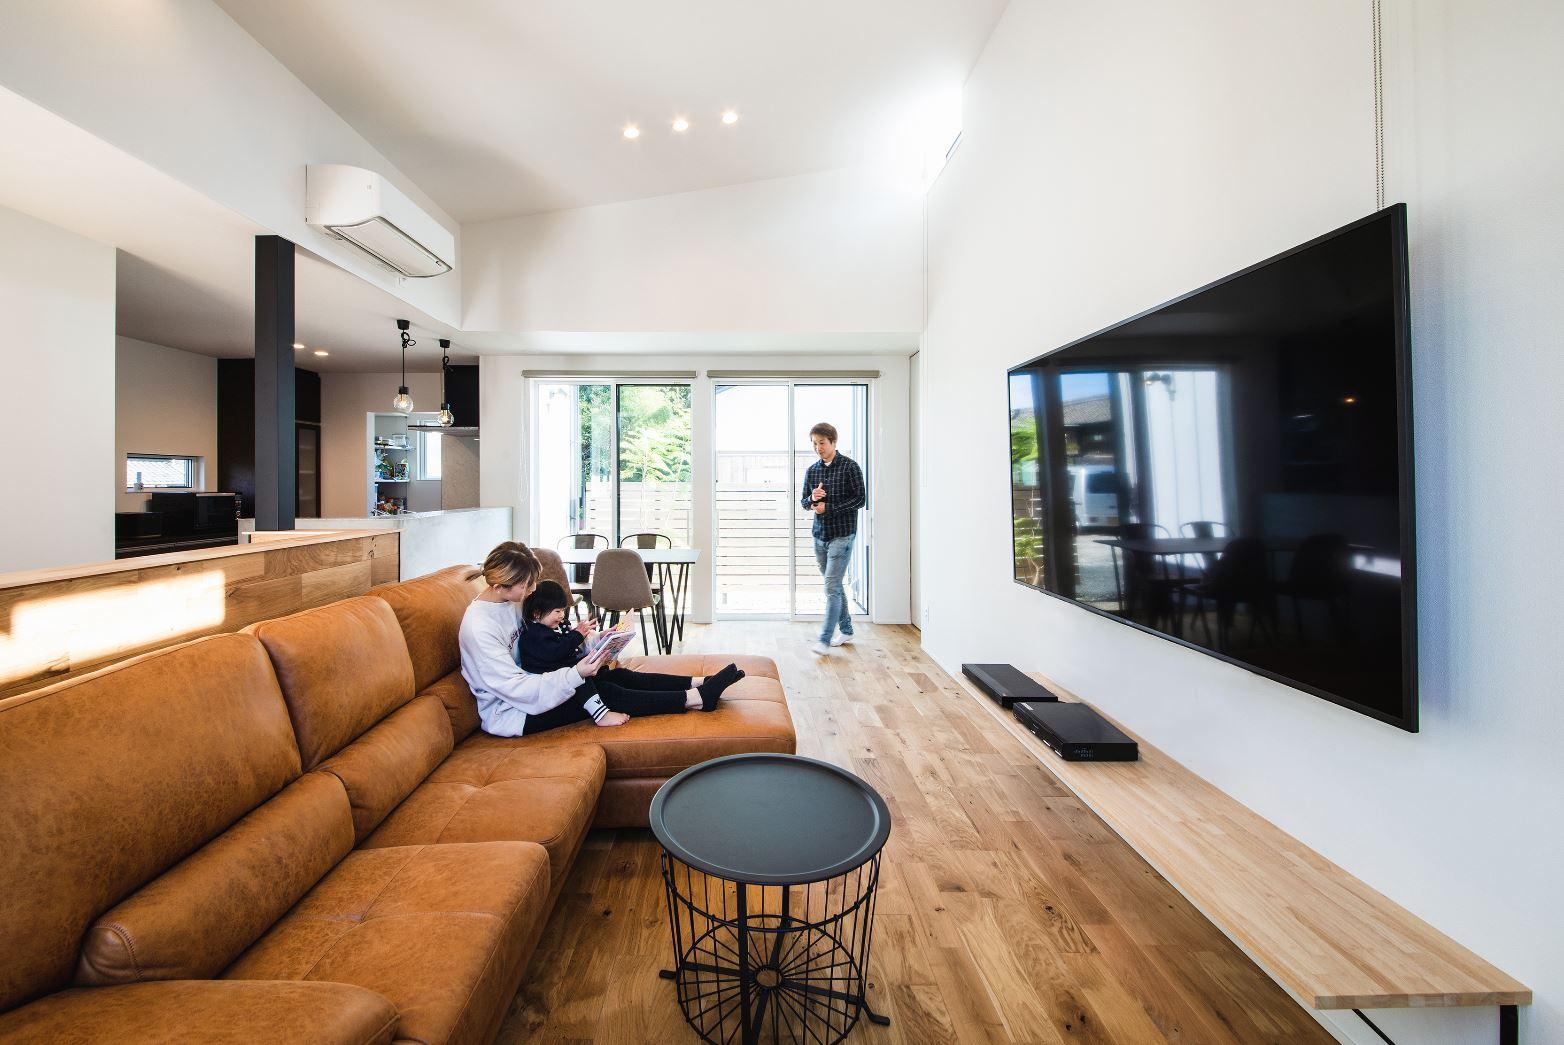 S.CONNECT(エスコネクト)【デザイン住宅、建築家、平屋】内装やインテリアのコーディネートは、エスコネクトのコーディネーターさんが提案してくれた候補の中からチョイスした